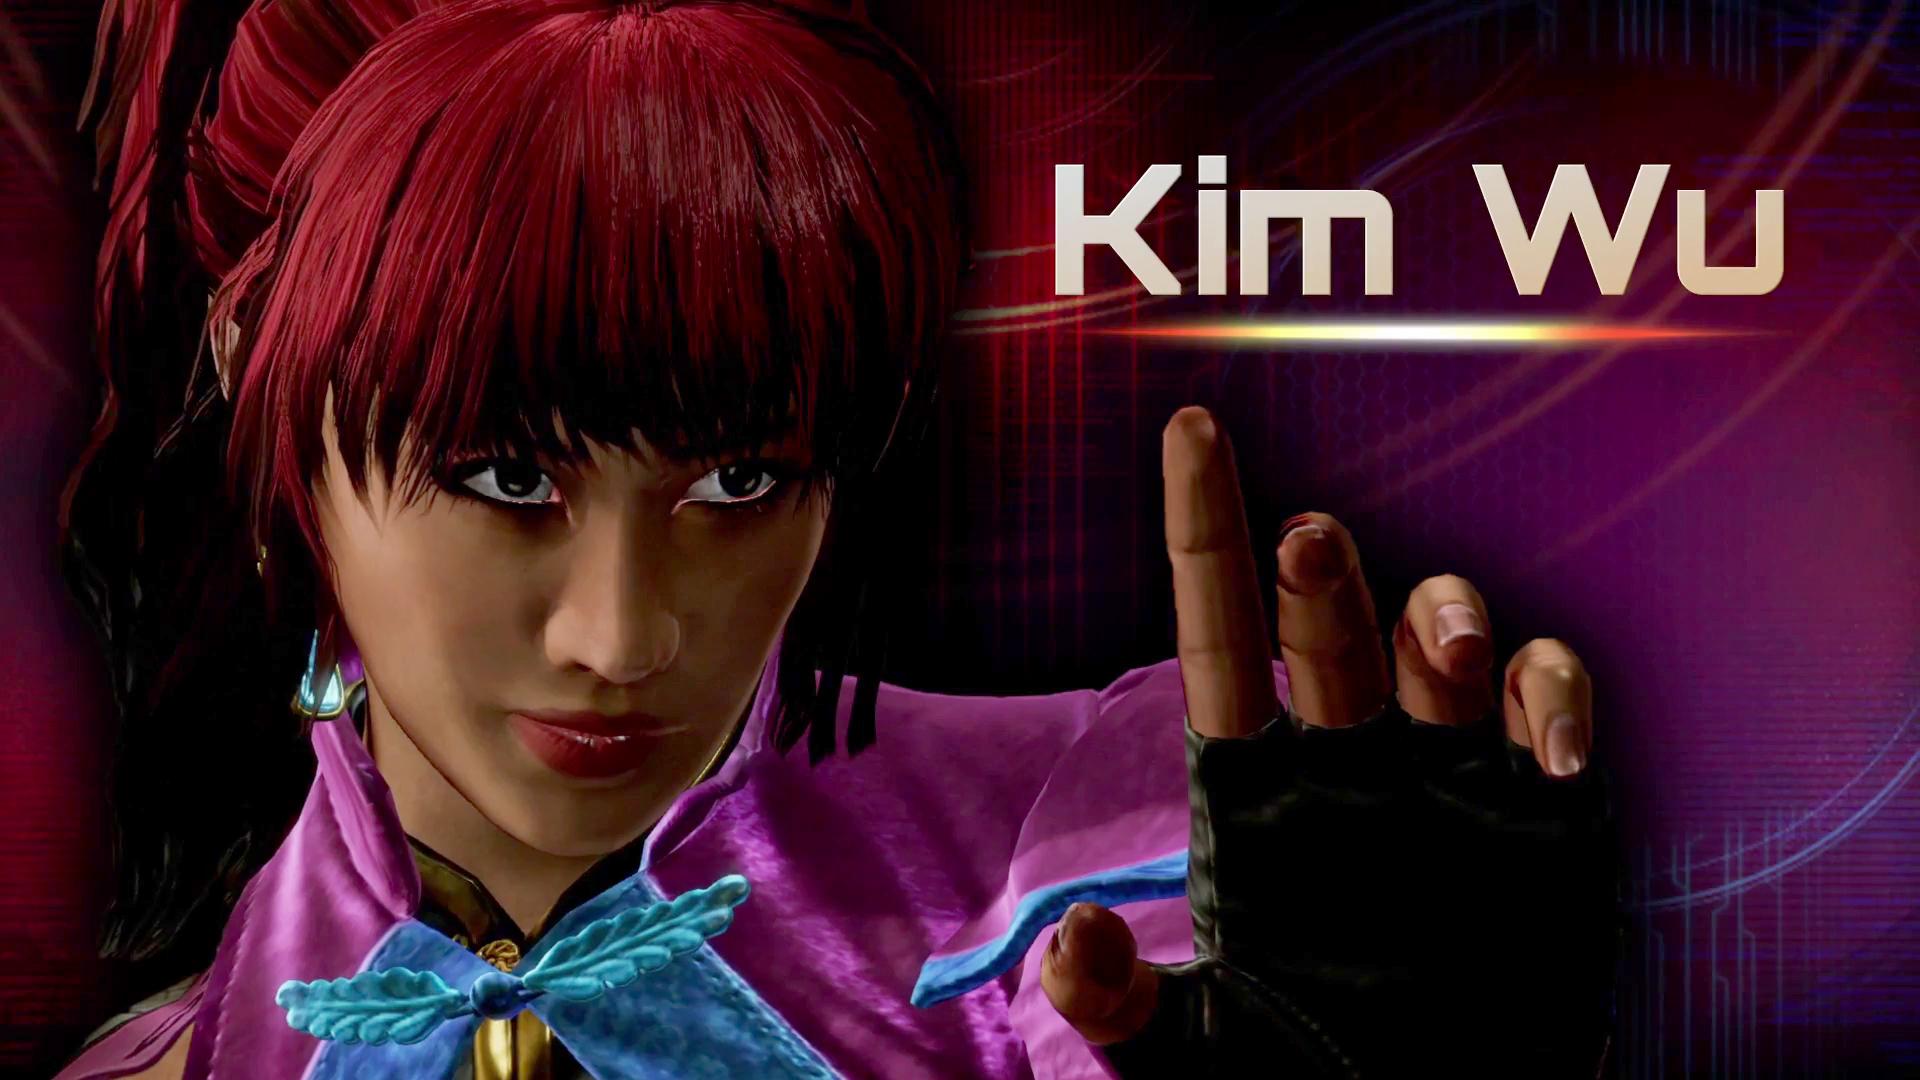 kiler-instinct-kim-wu